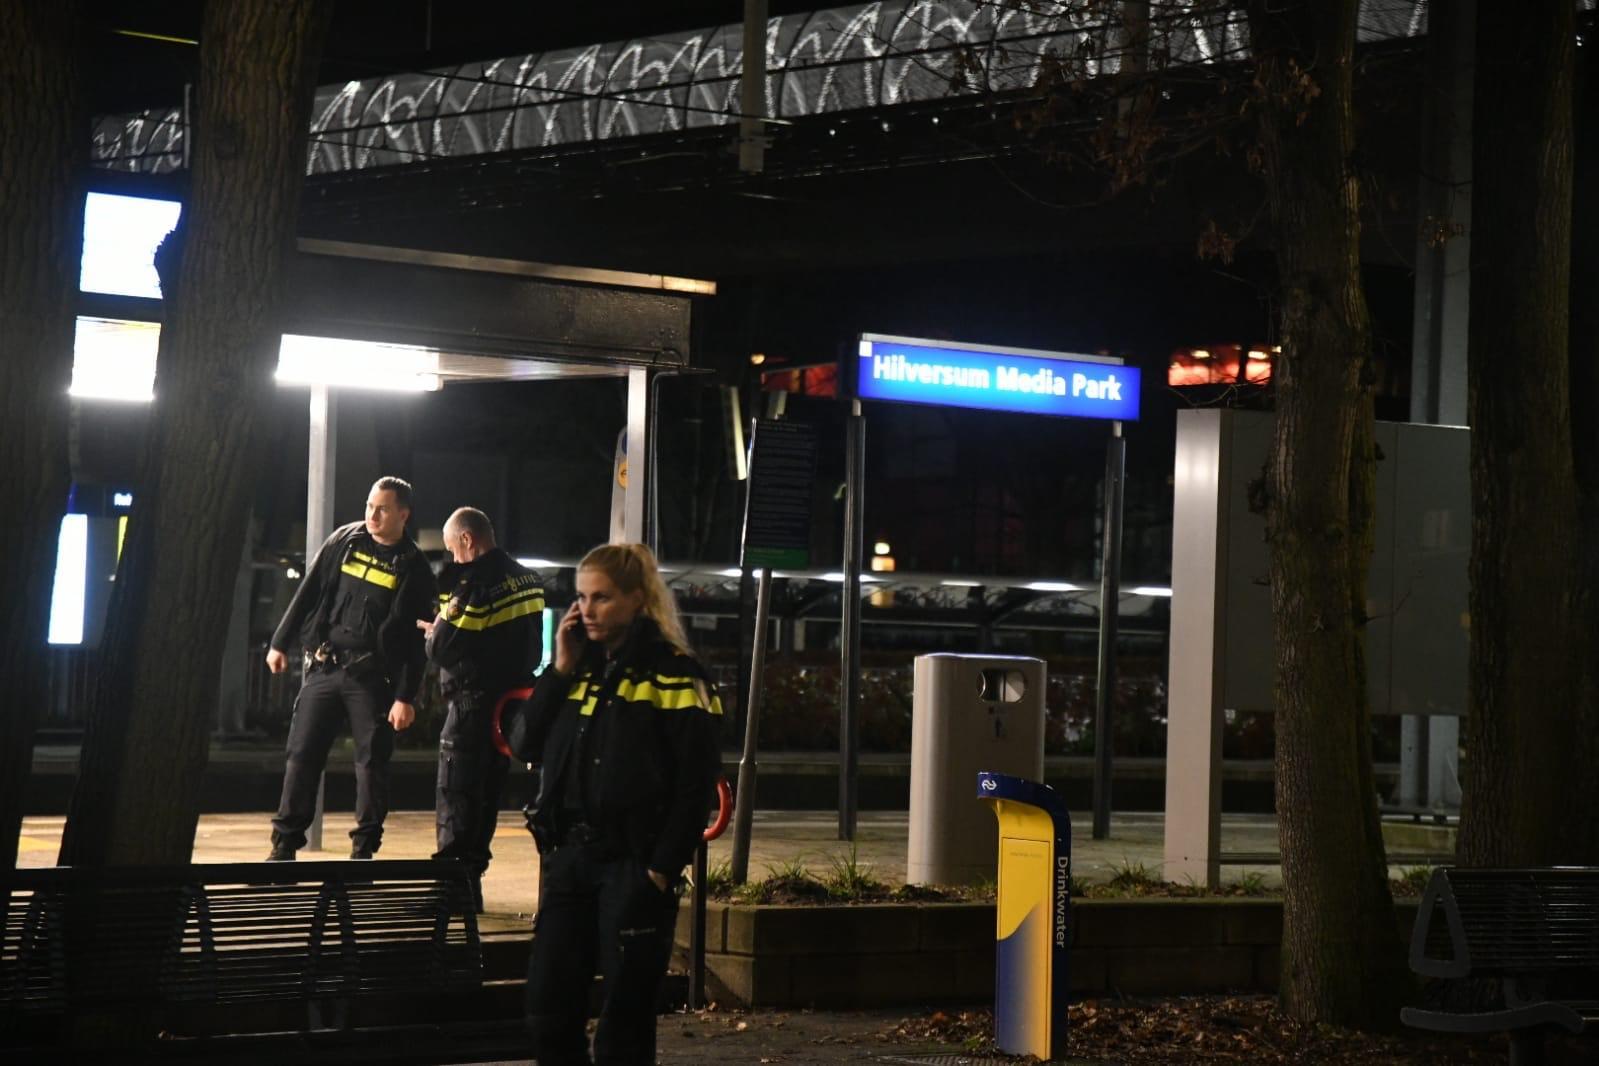 Station Hilversum Media Park enige tijd dicht door achtergelaten rugtas